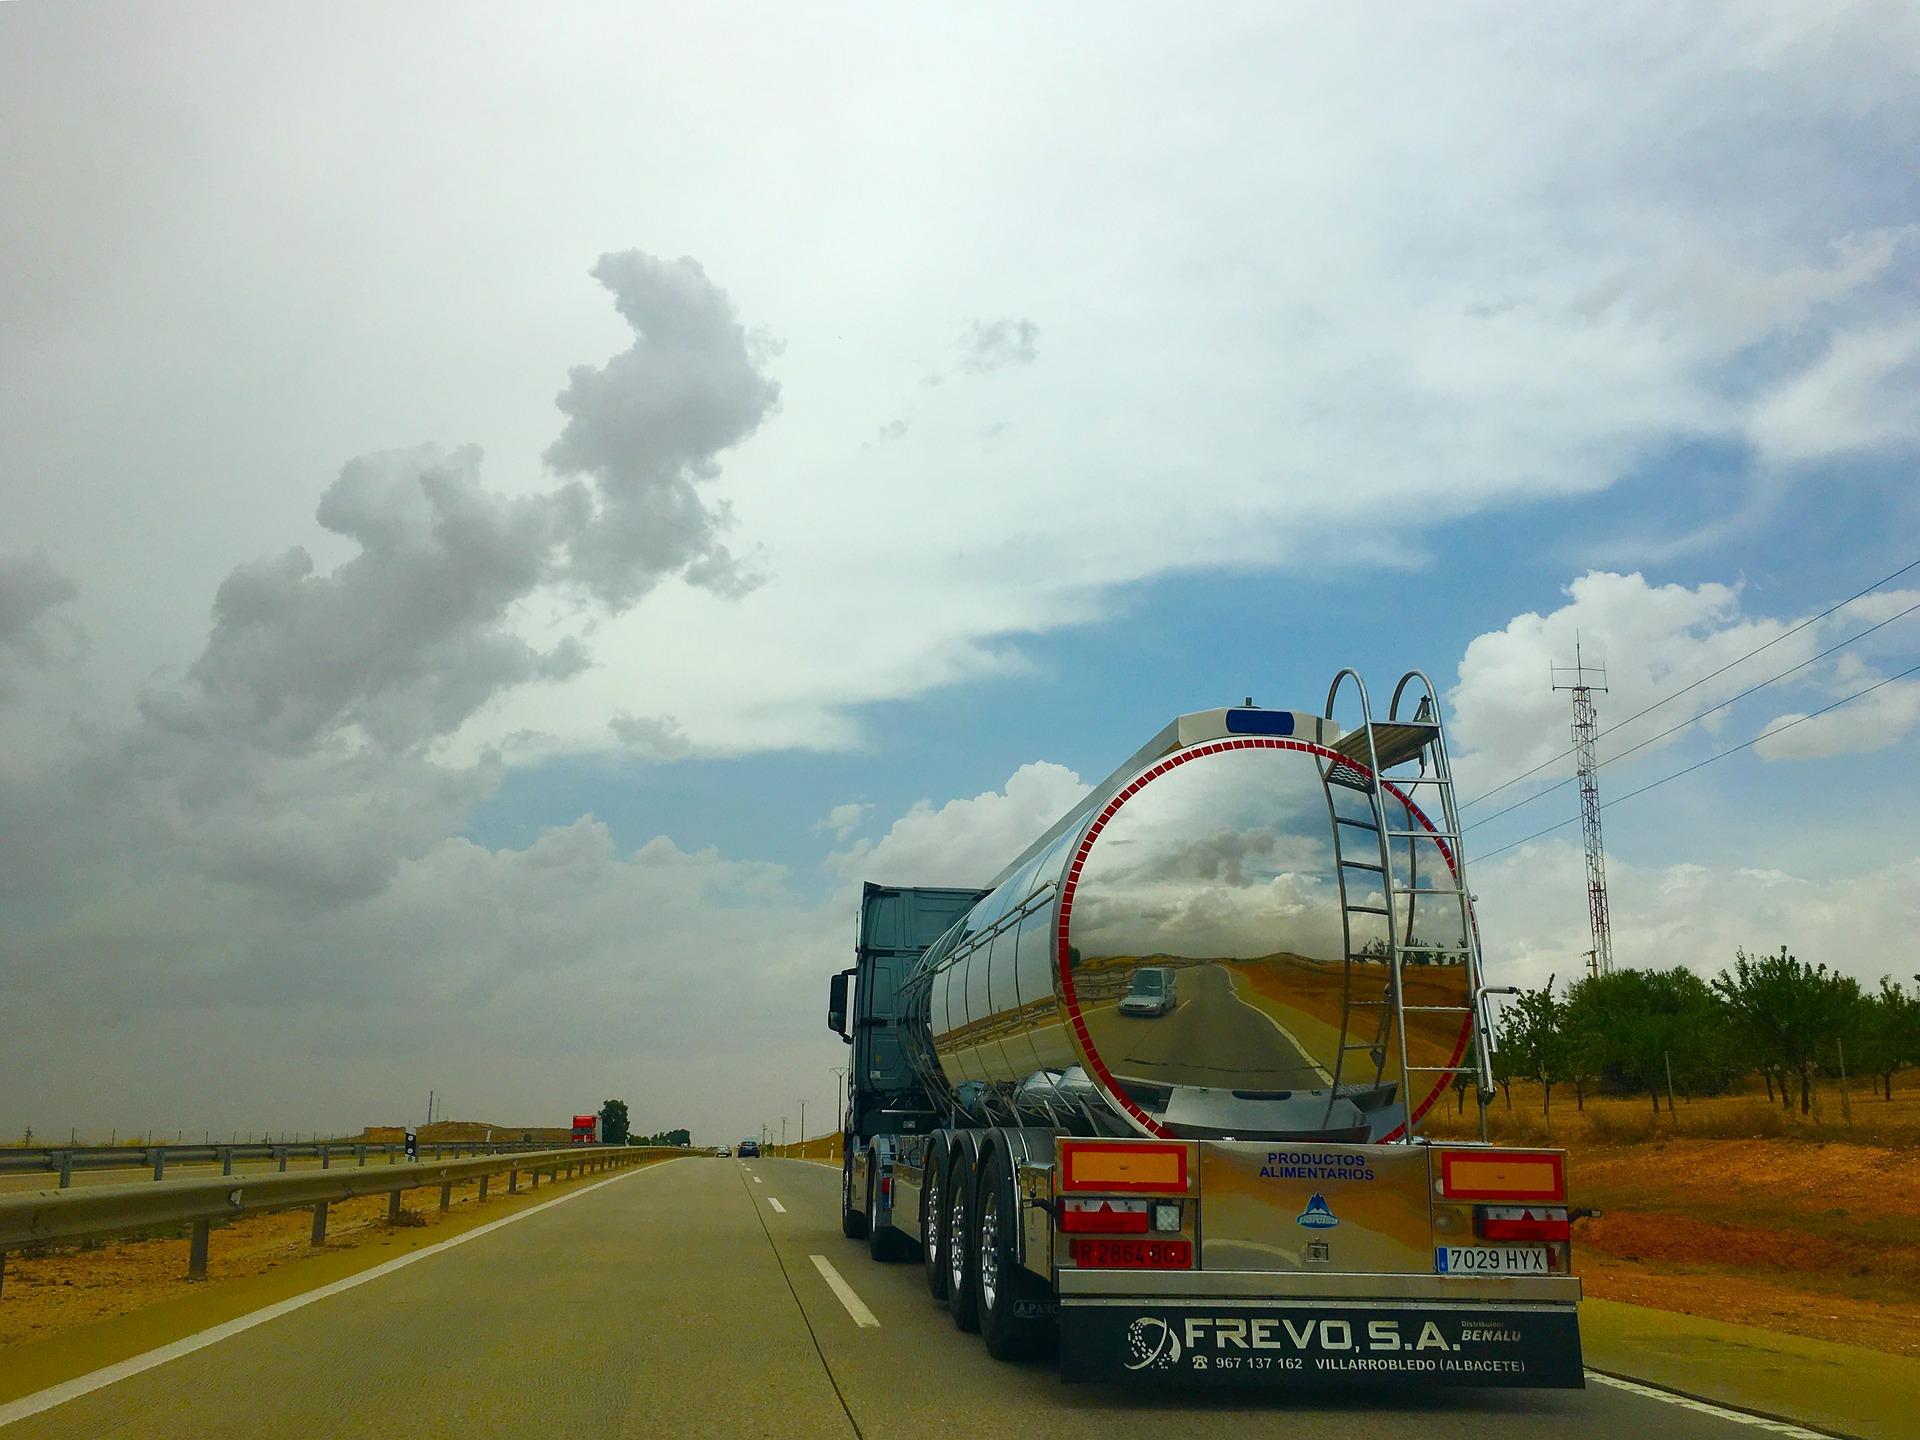 Hazardous Waste Transport - Bulk Tanker